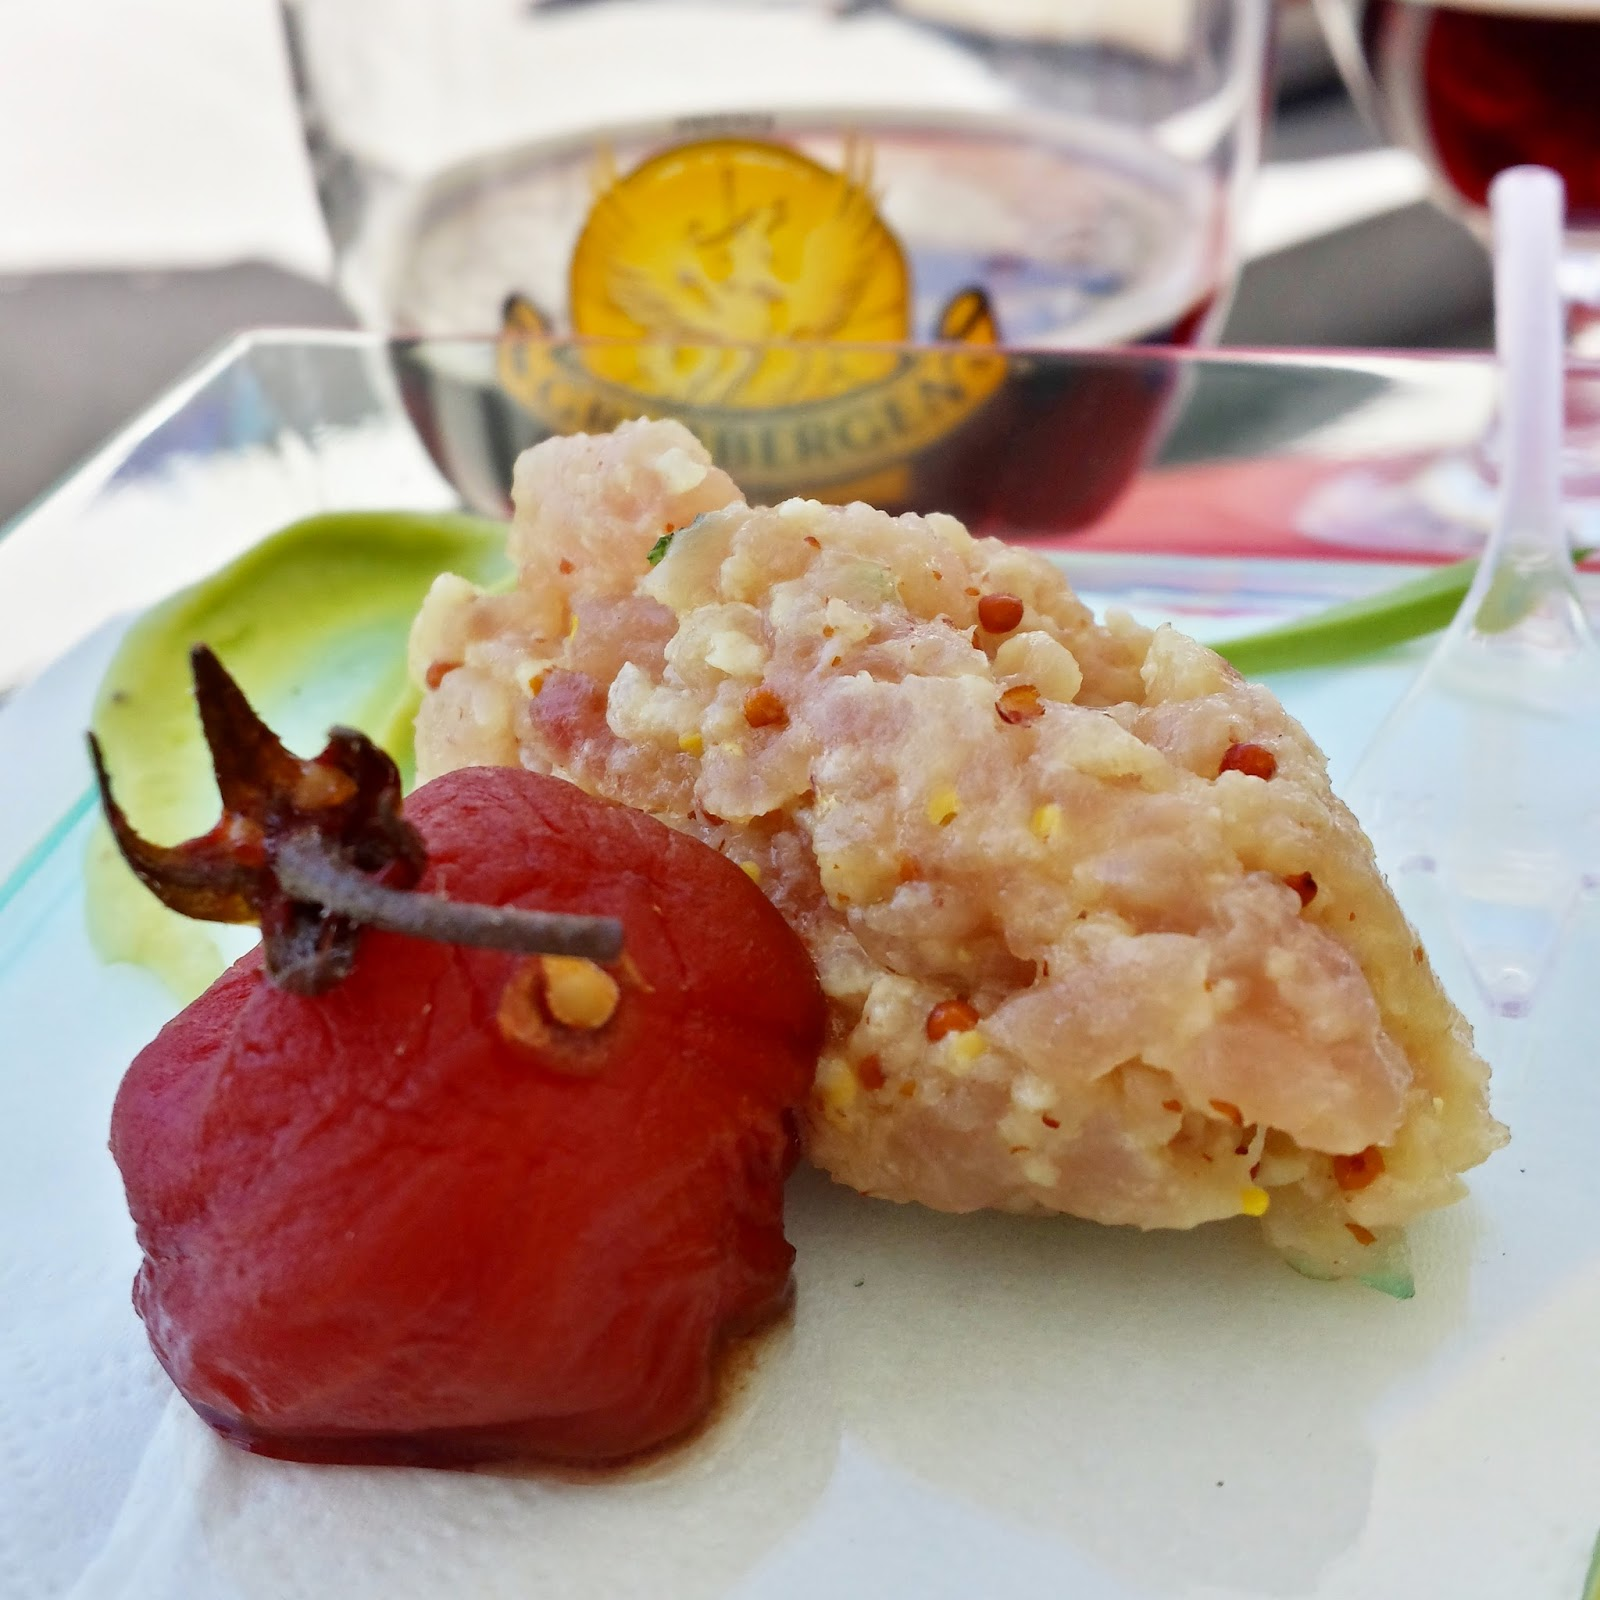 bonito del norte, aguacate y tomate de Beatriz Sotelo